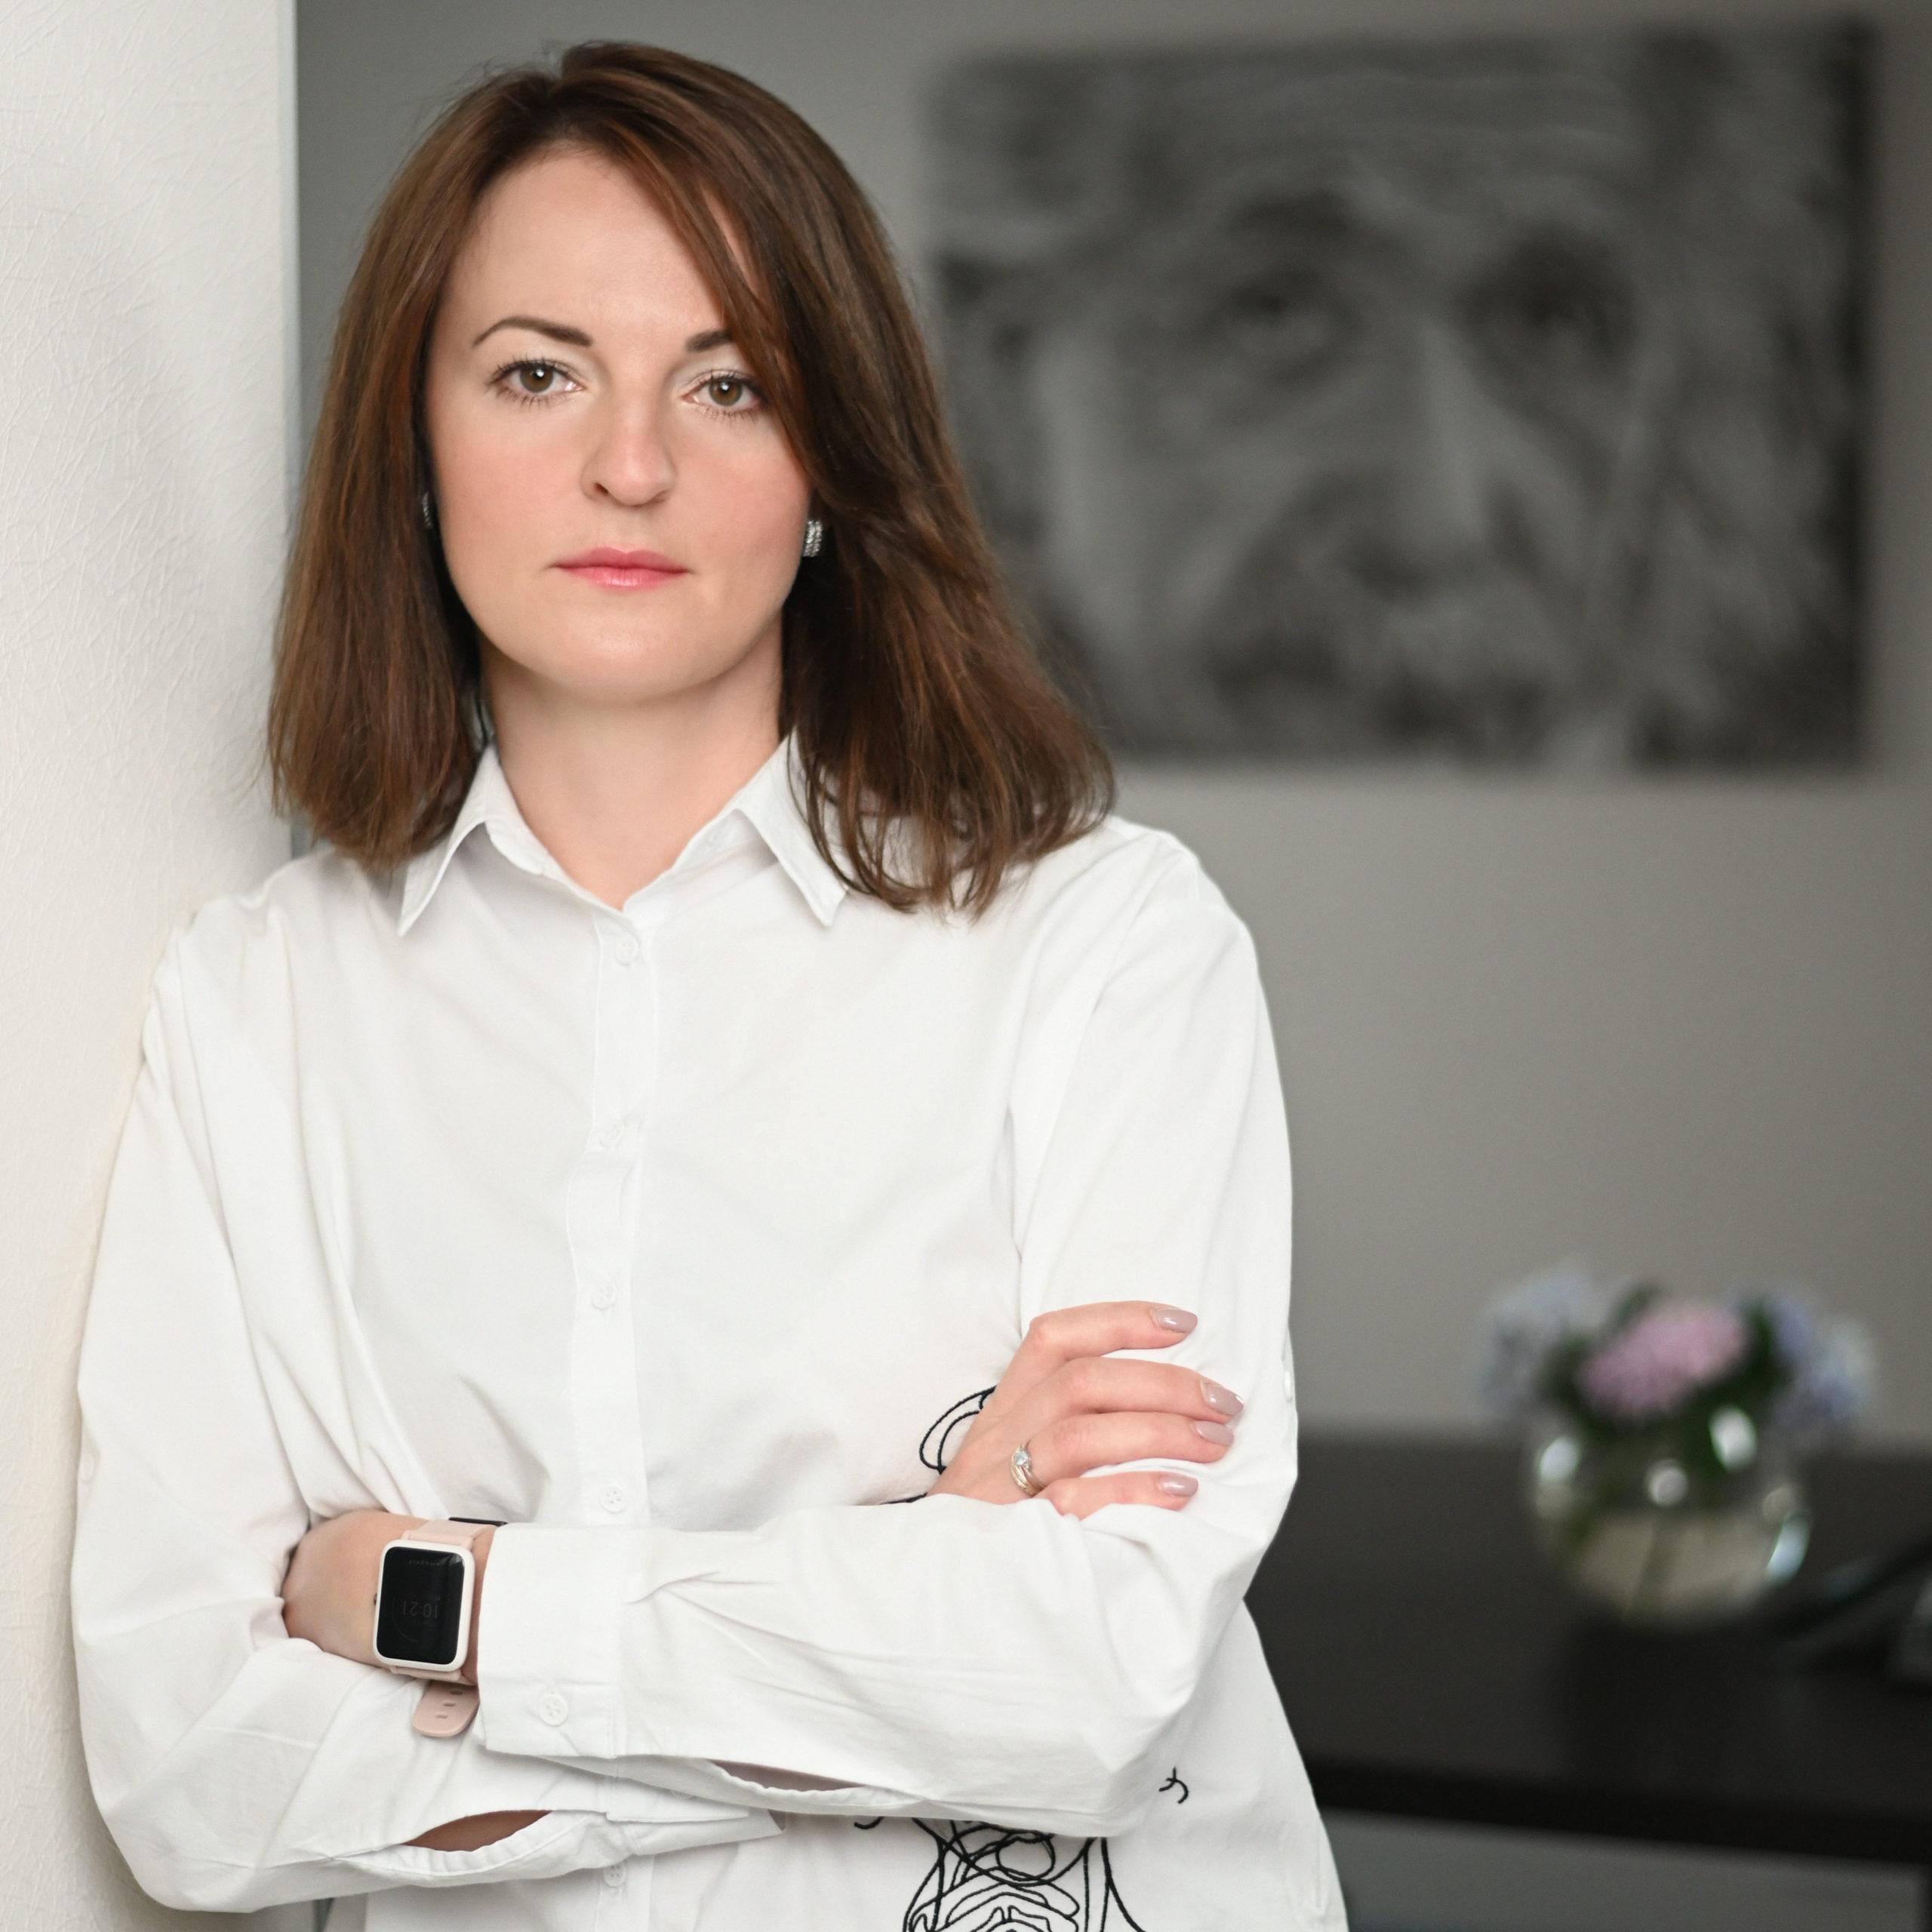 Evgeniya Korolyova